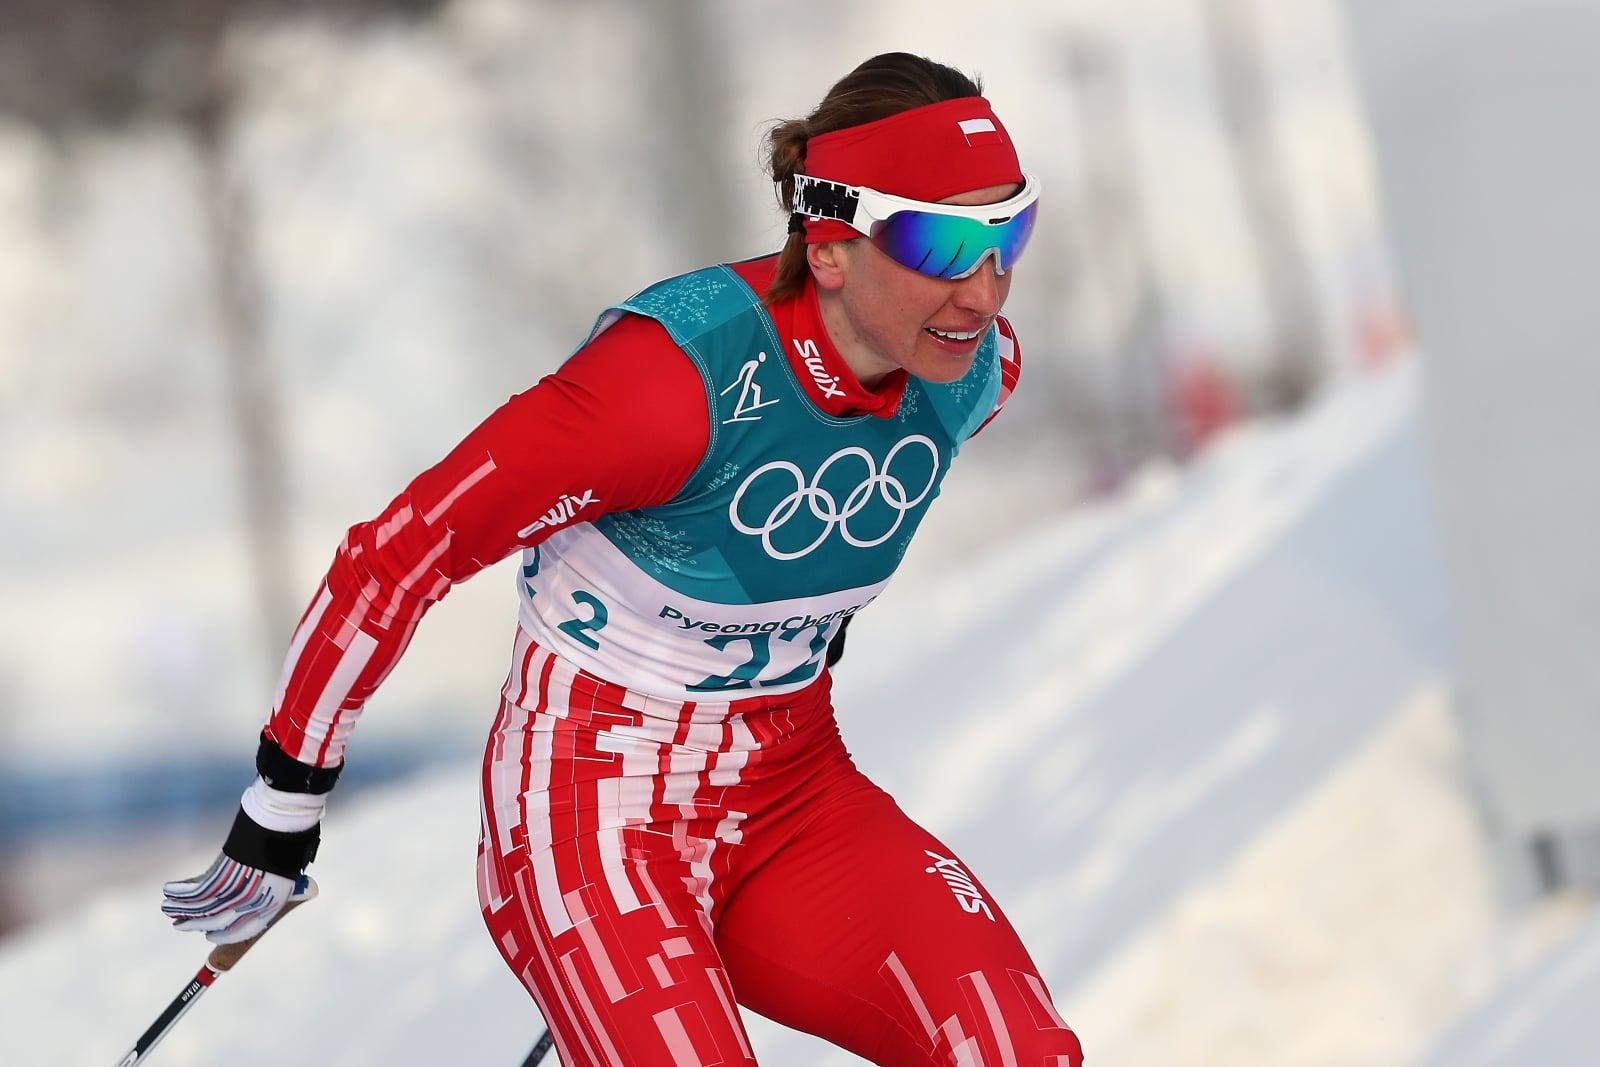 Polka Justyna Kowalczyk podczas narciarskiego biegu łączonego (7,5 km techniką klasyczną + 7,5 km techniką dowolną) w Pjongczangu, Korea Południowa.